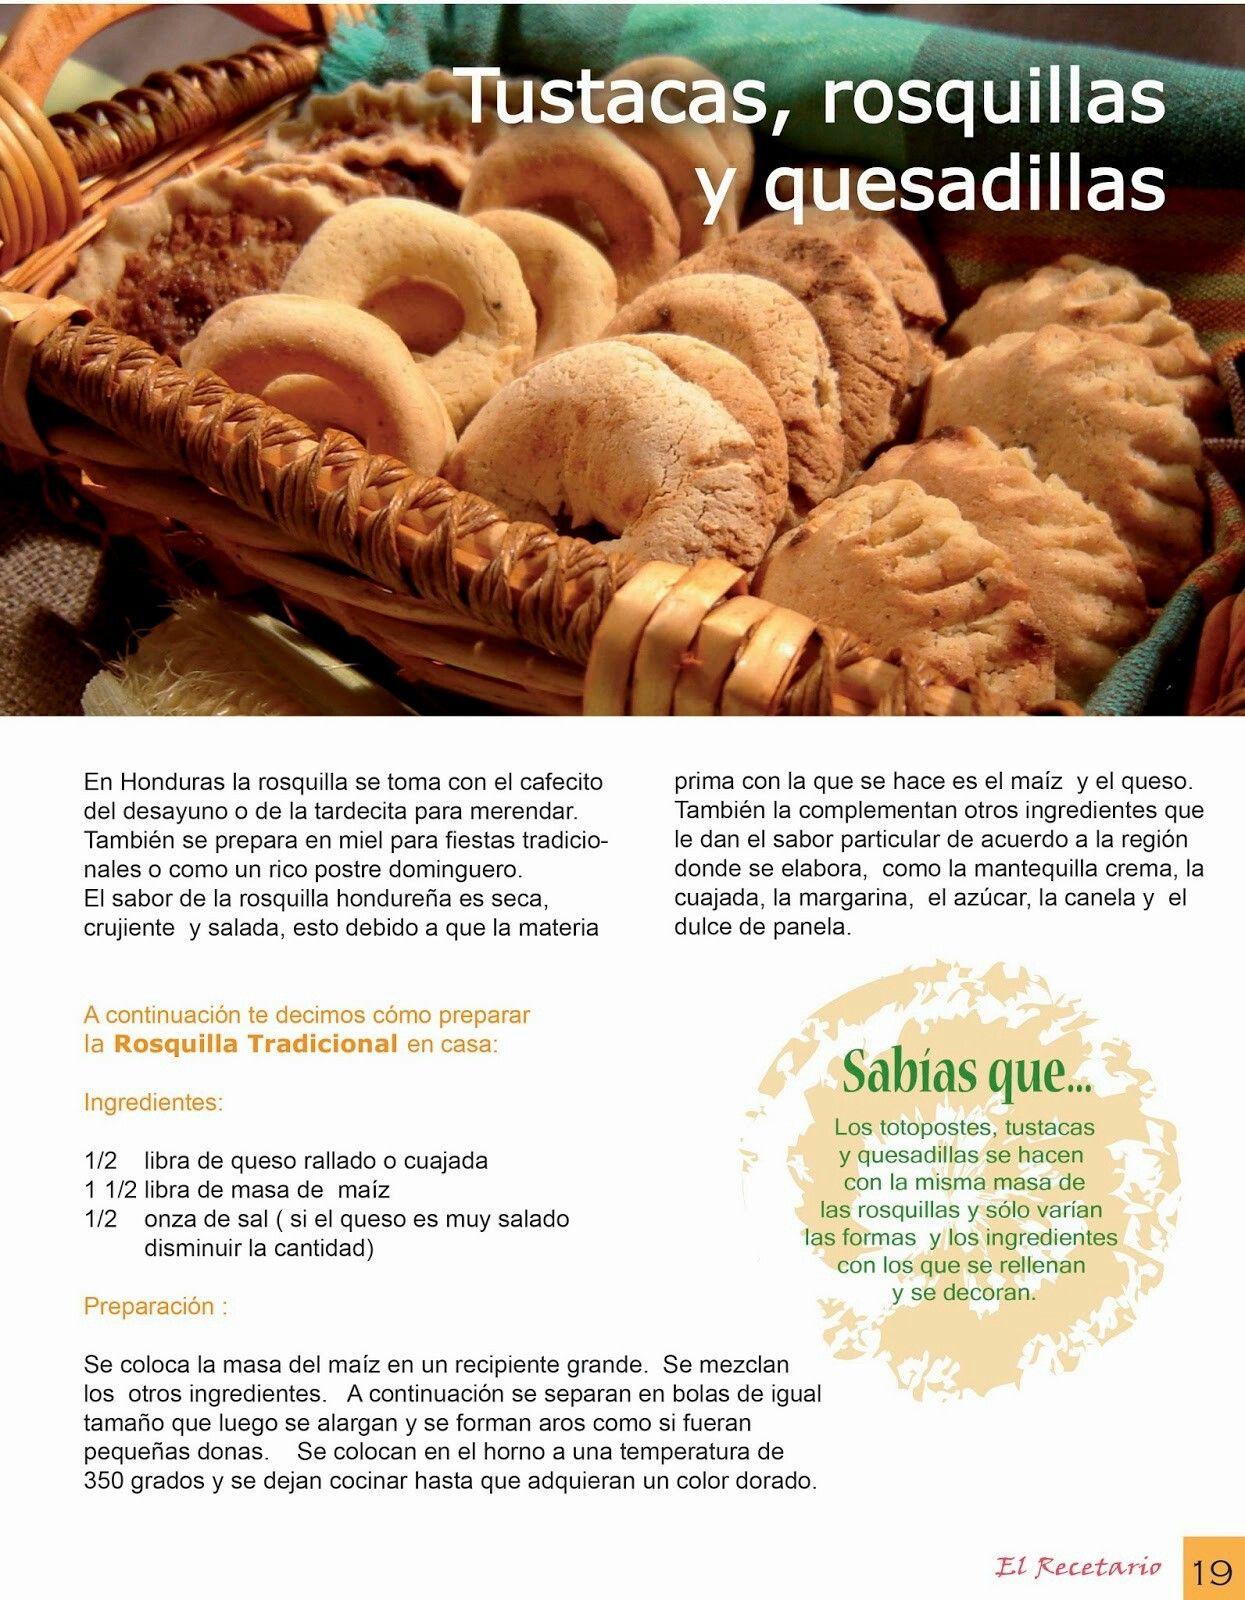 Tustacas, rosquillas y quesadillas hondurenas | food | Pinterest ...